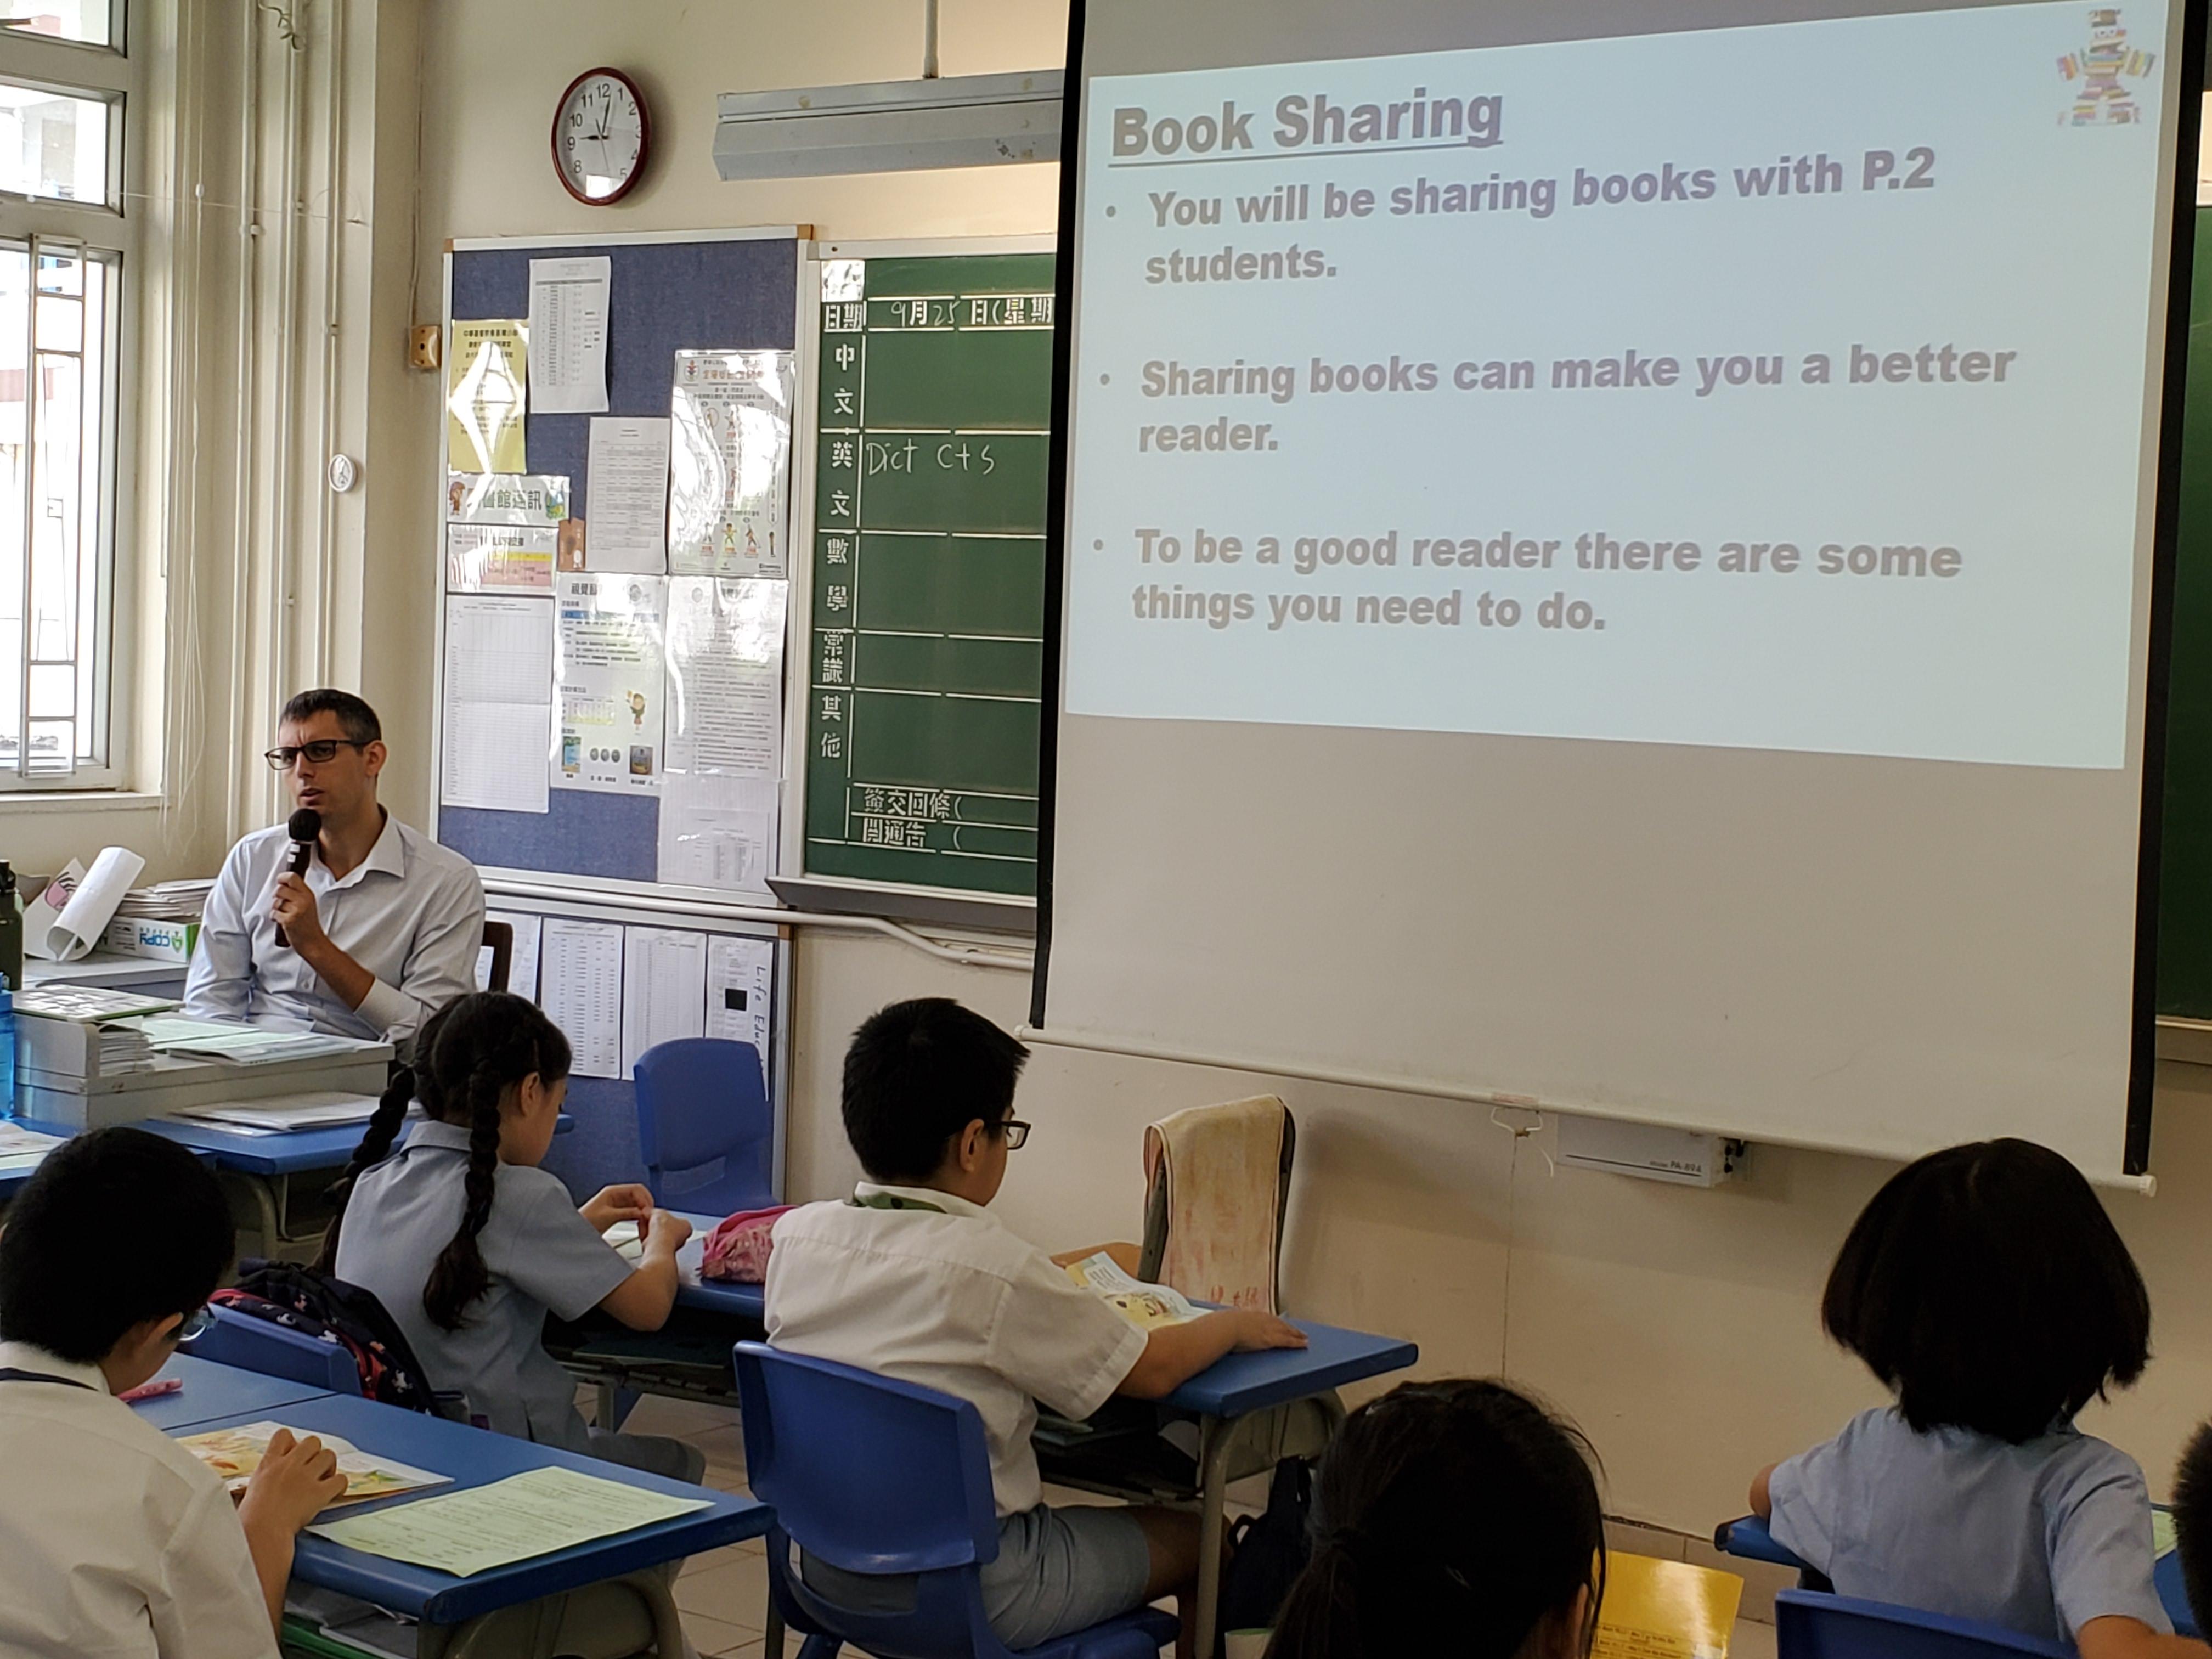 http://www.keiwan.edu.hk/sites/default/files/2_3.jpg